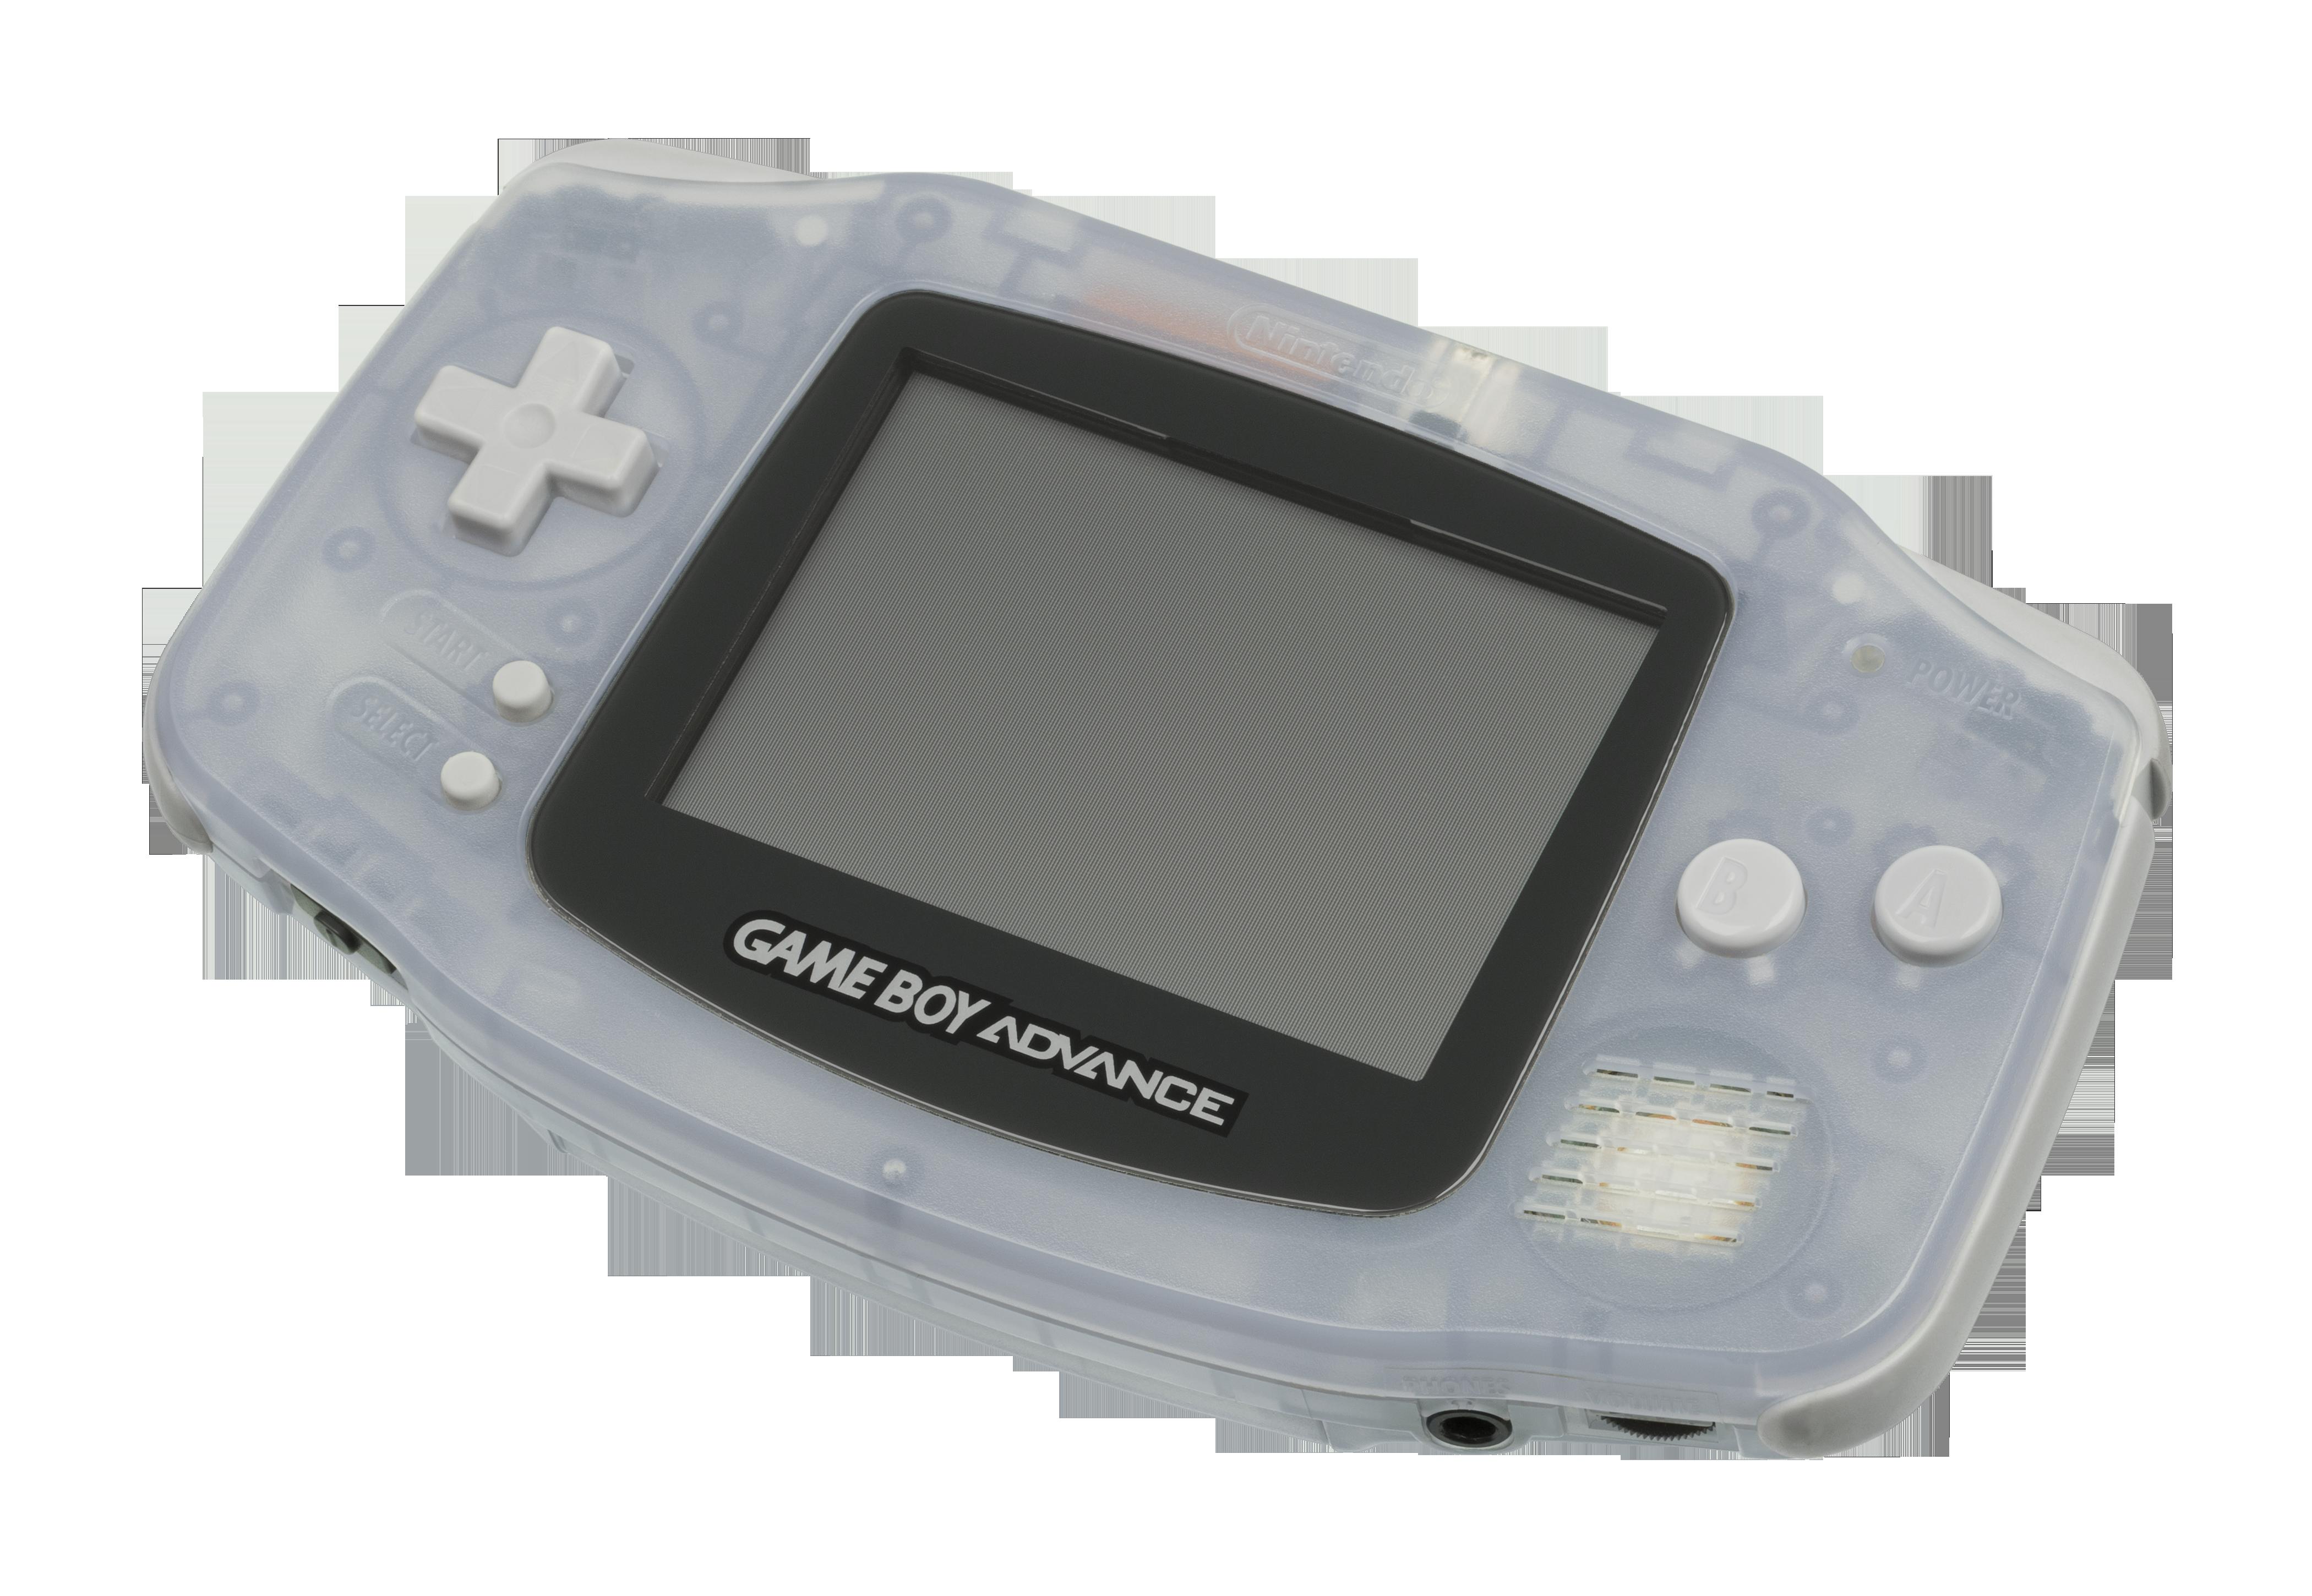 Game Boy Advance Wikipedia